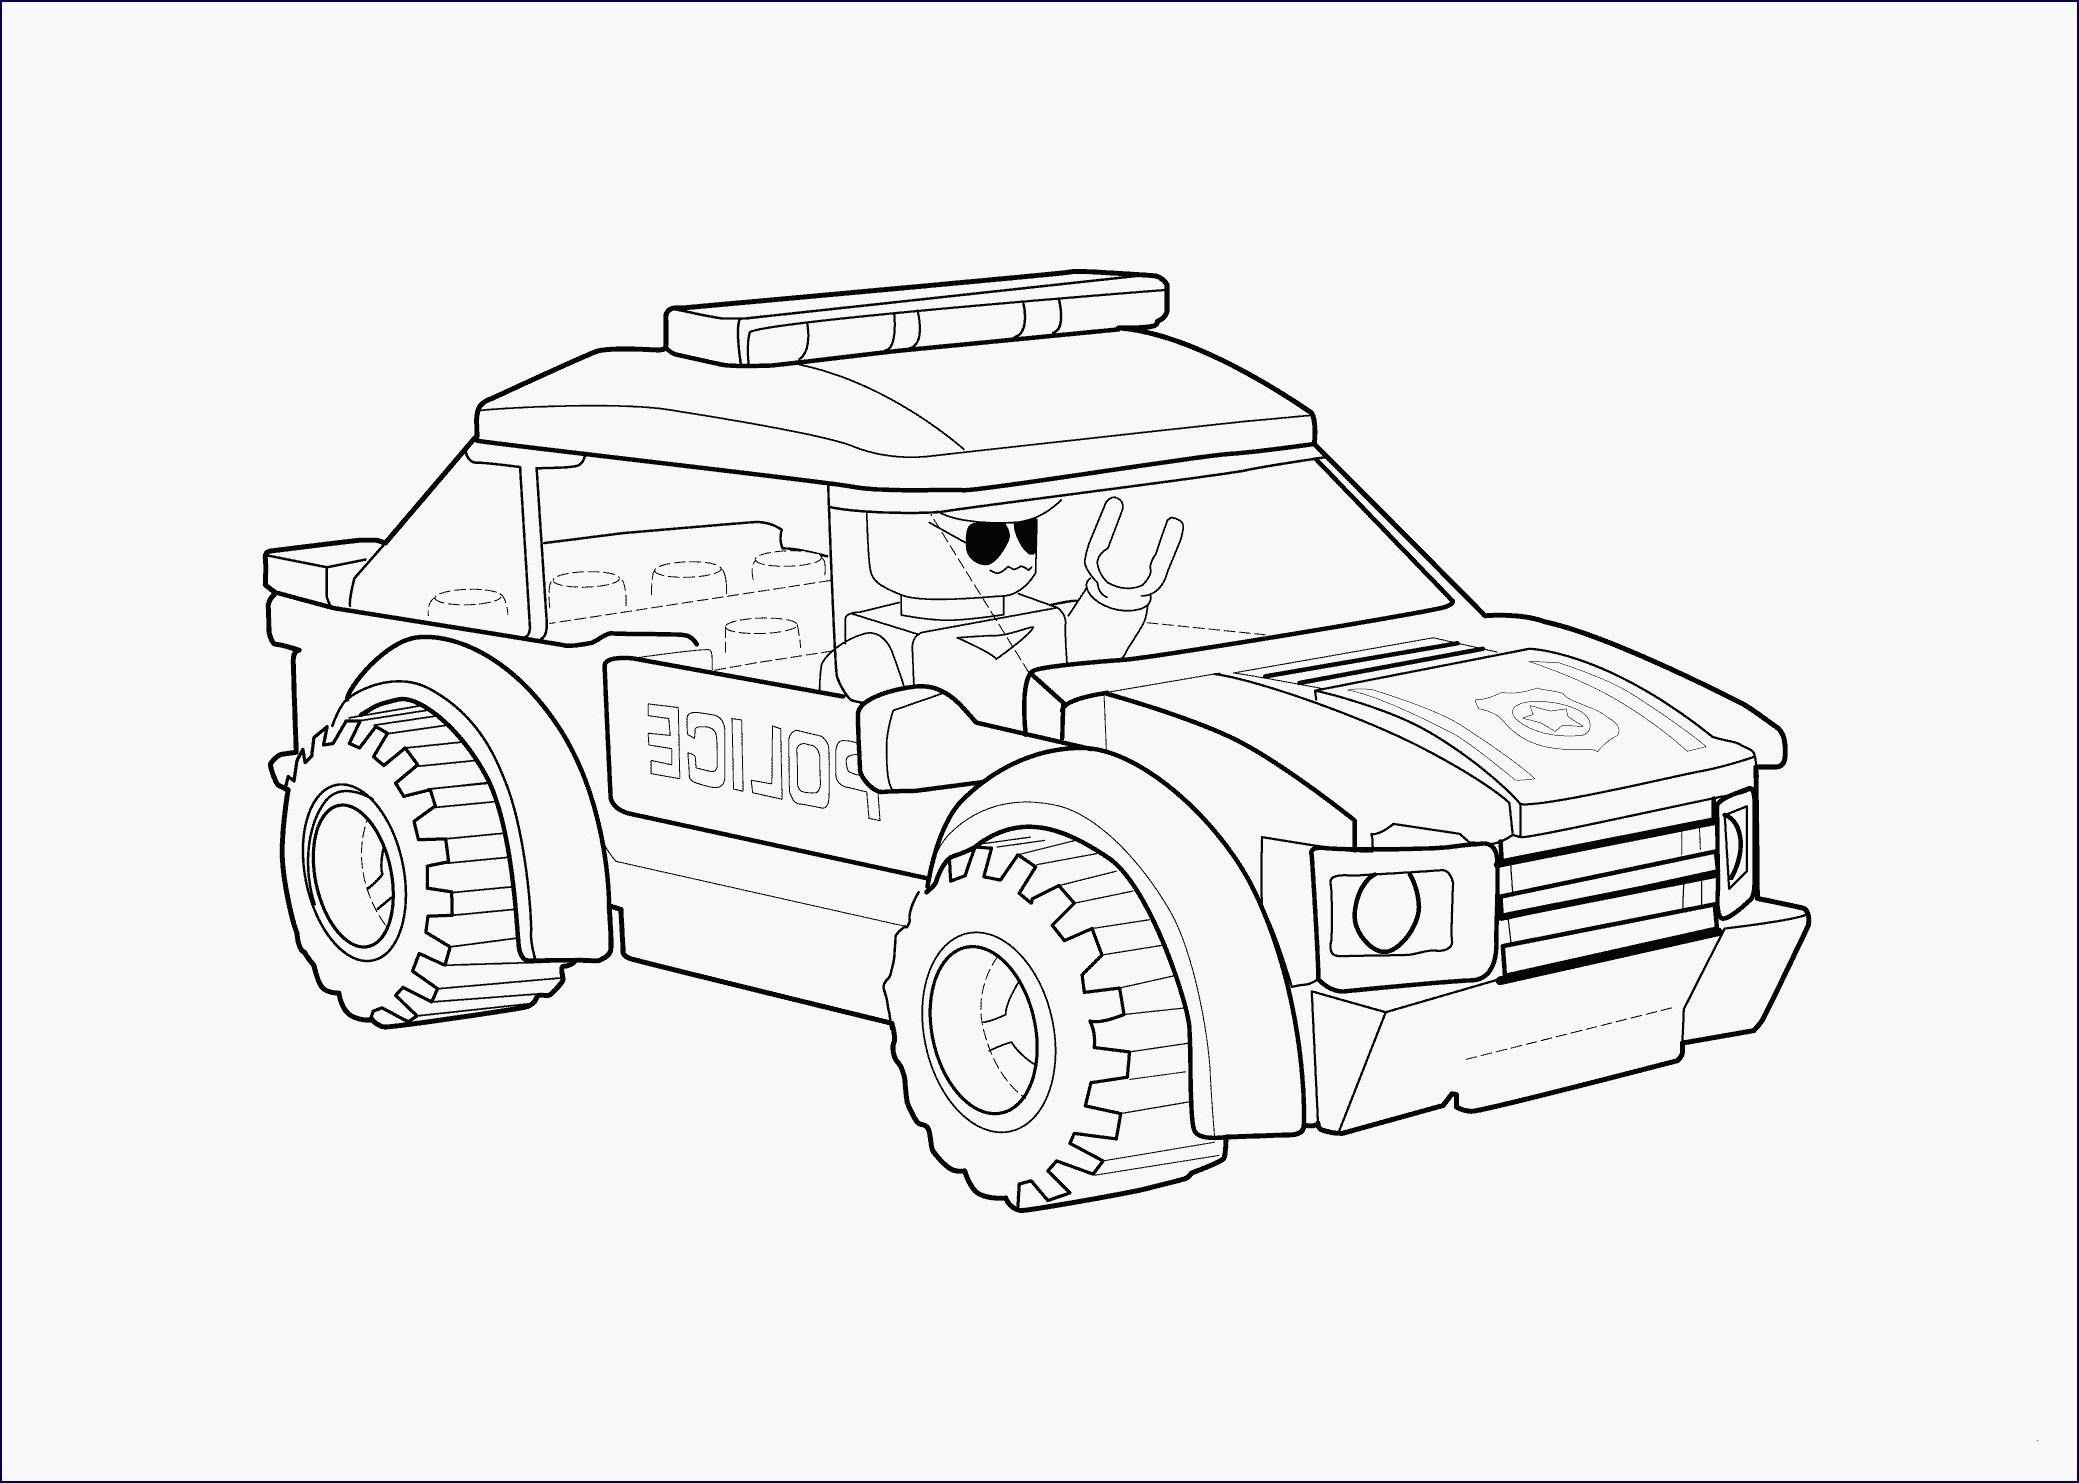 Lego Polizei Ausmalbilder Das Beste Von 35 Schön Lego Traktor – Malvorlagen Ideen Das Bild